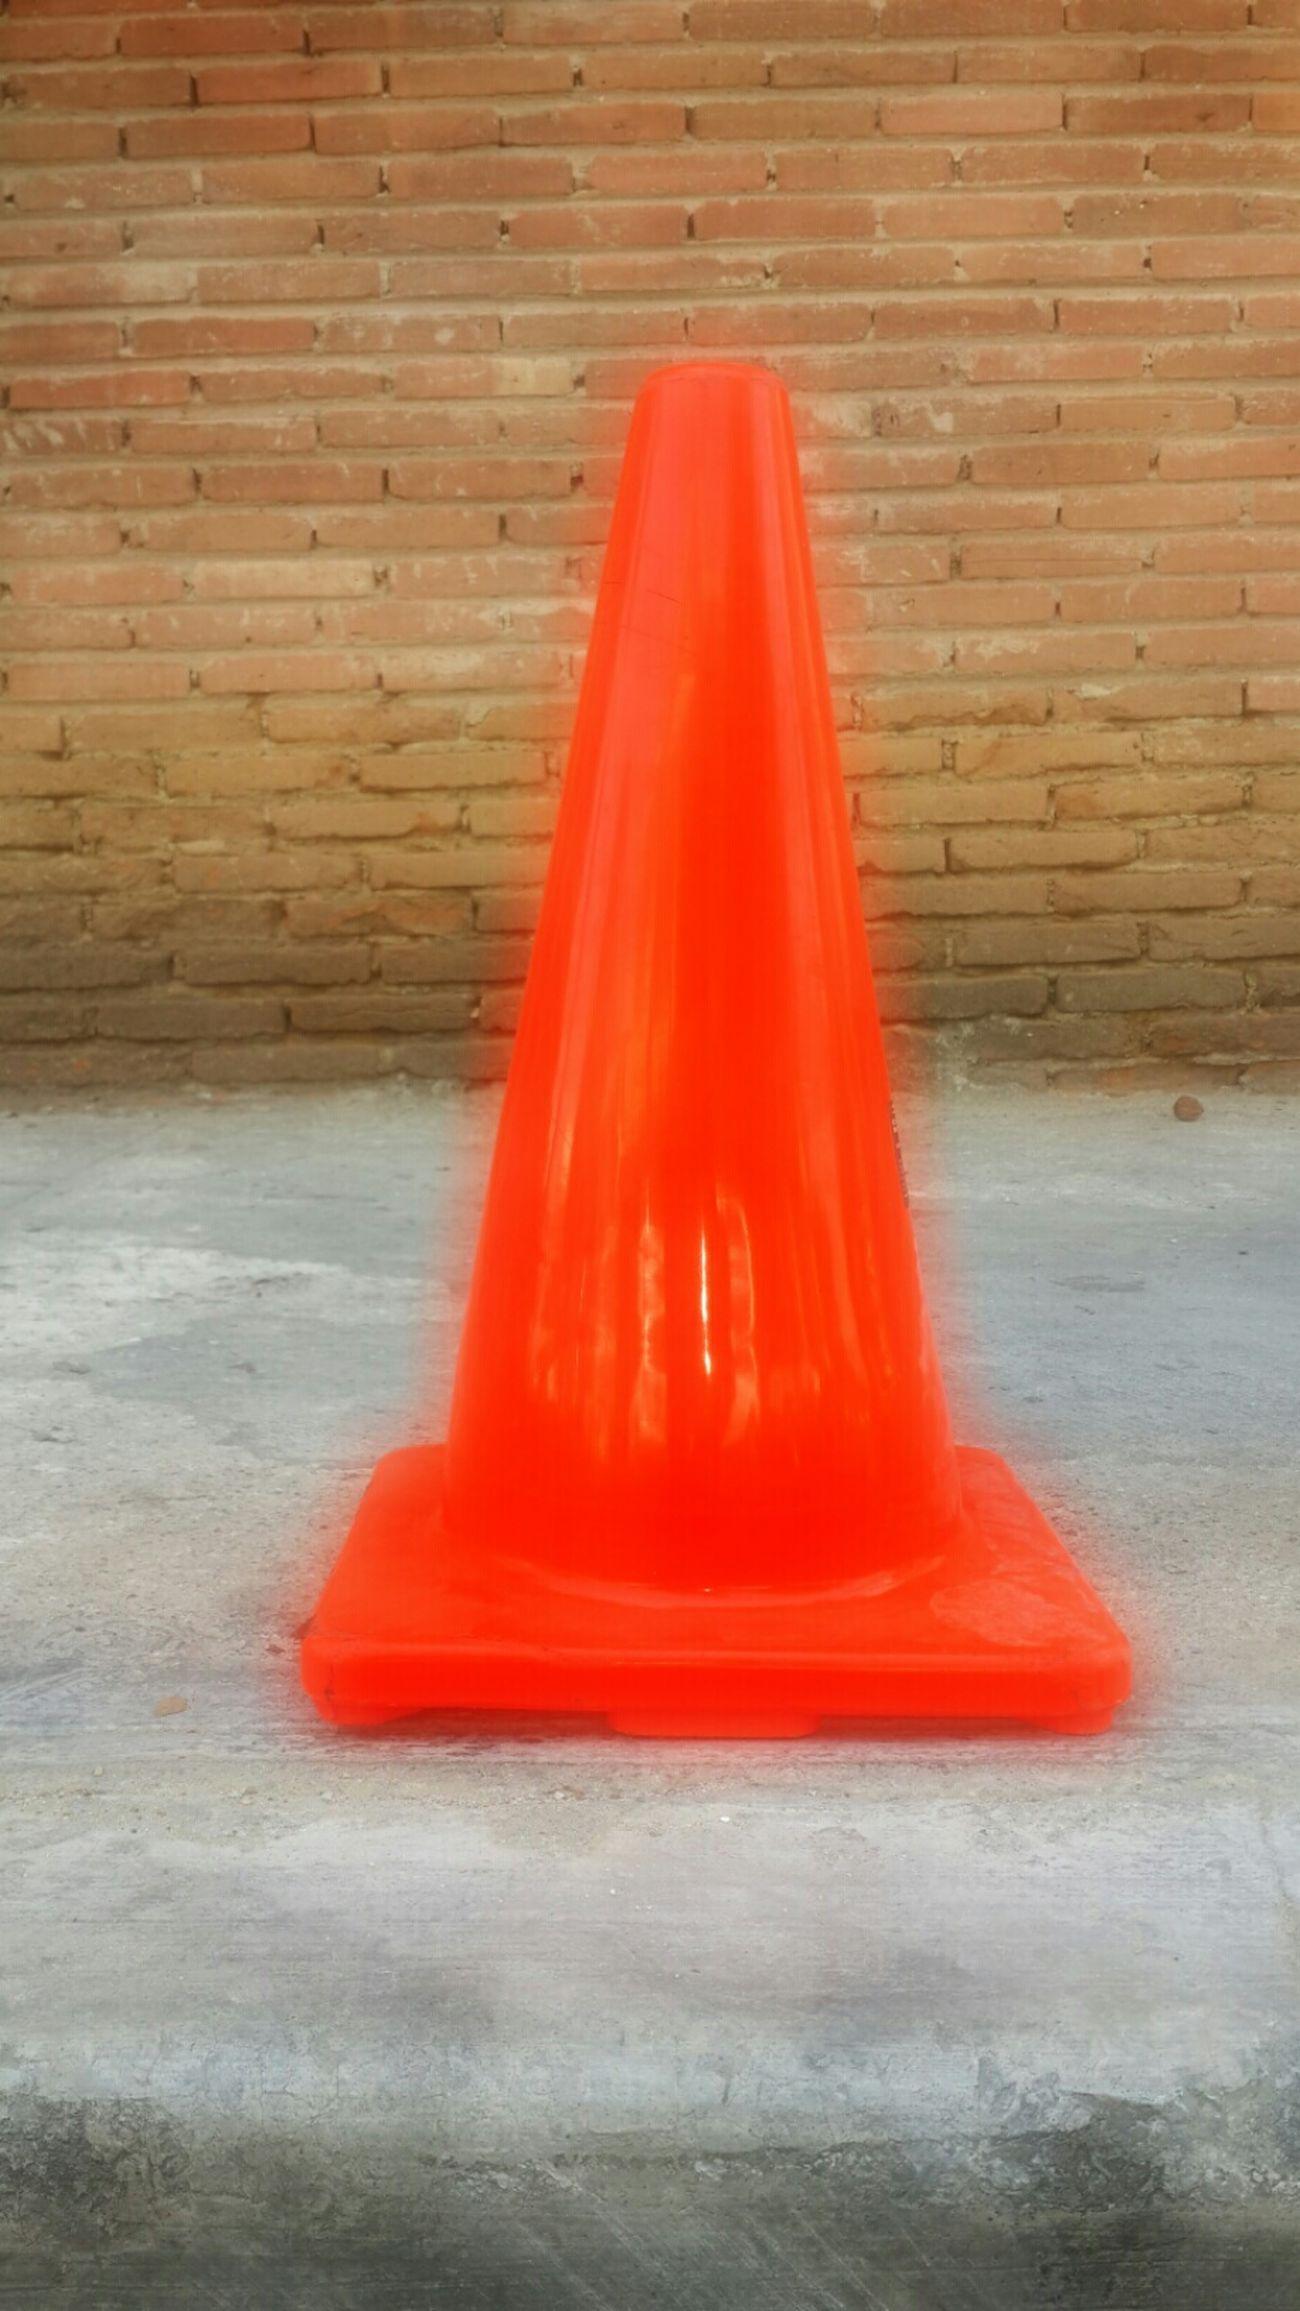 Safetycone Safety Cone Conodeseguridad Cono Seguridad